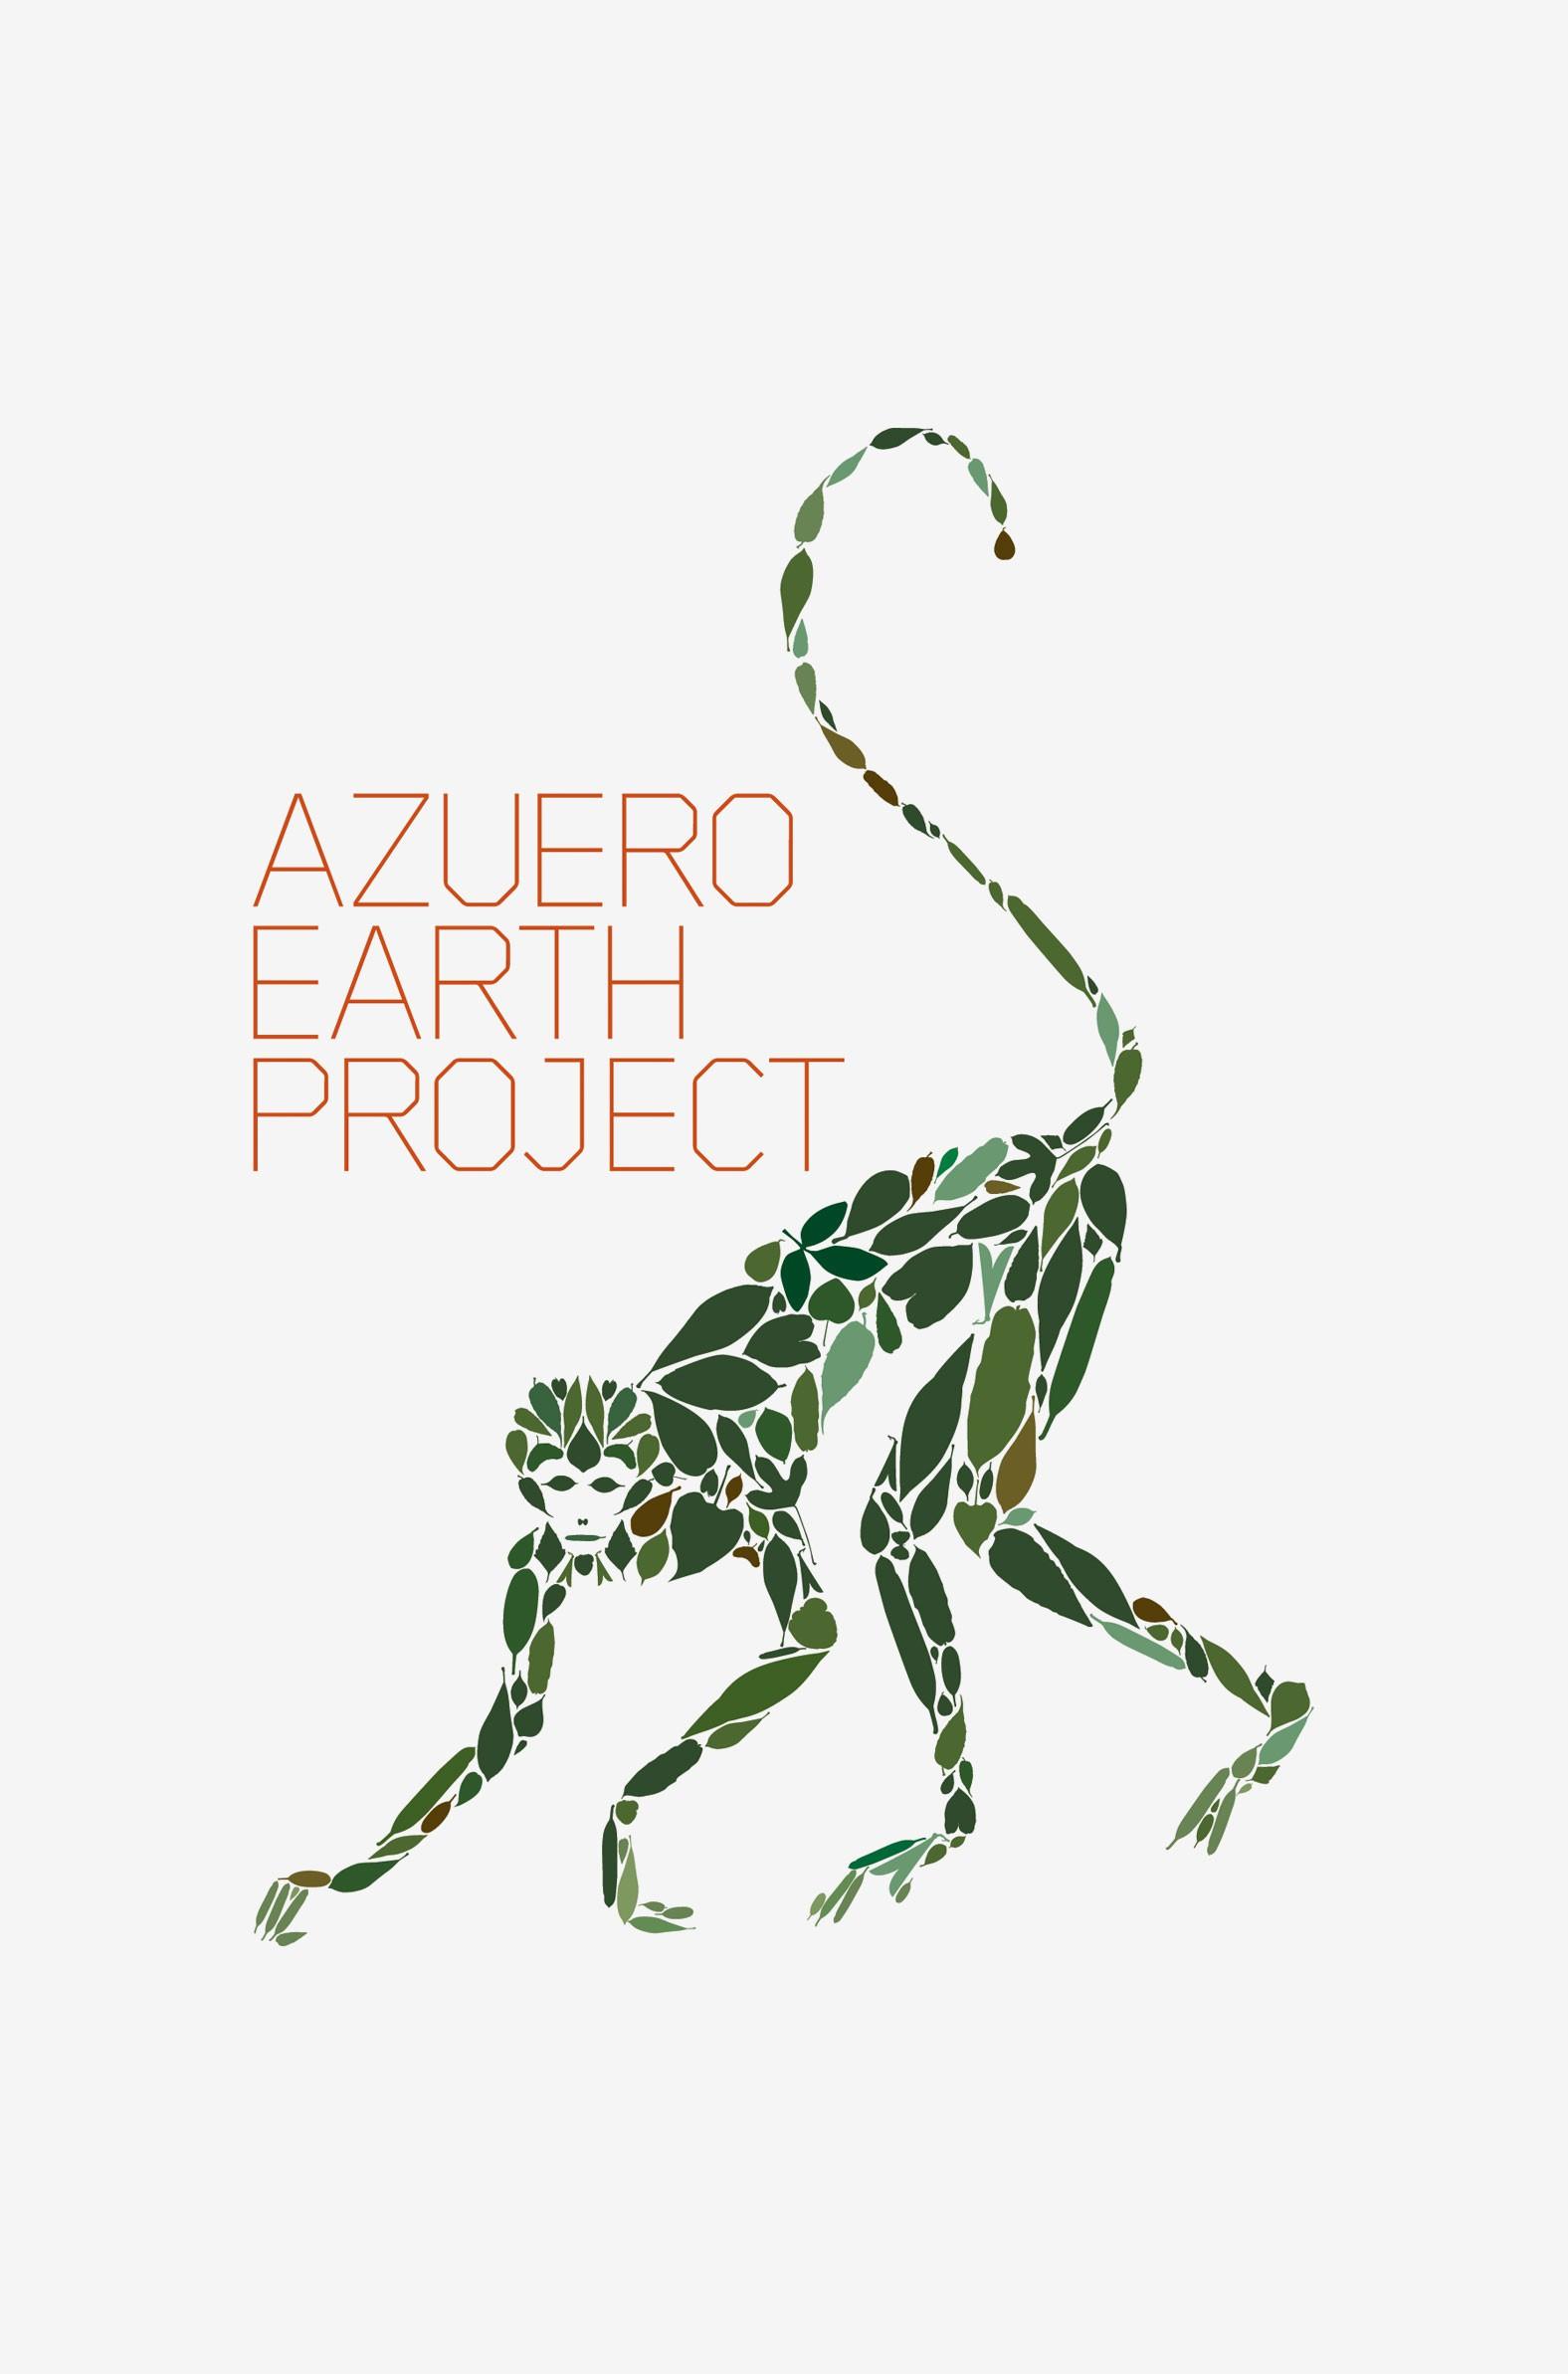 Azuero Earth Project